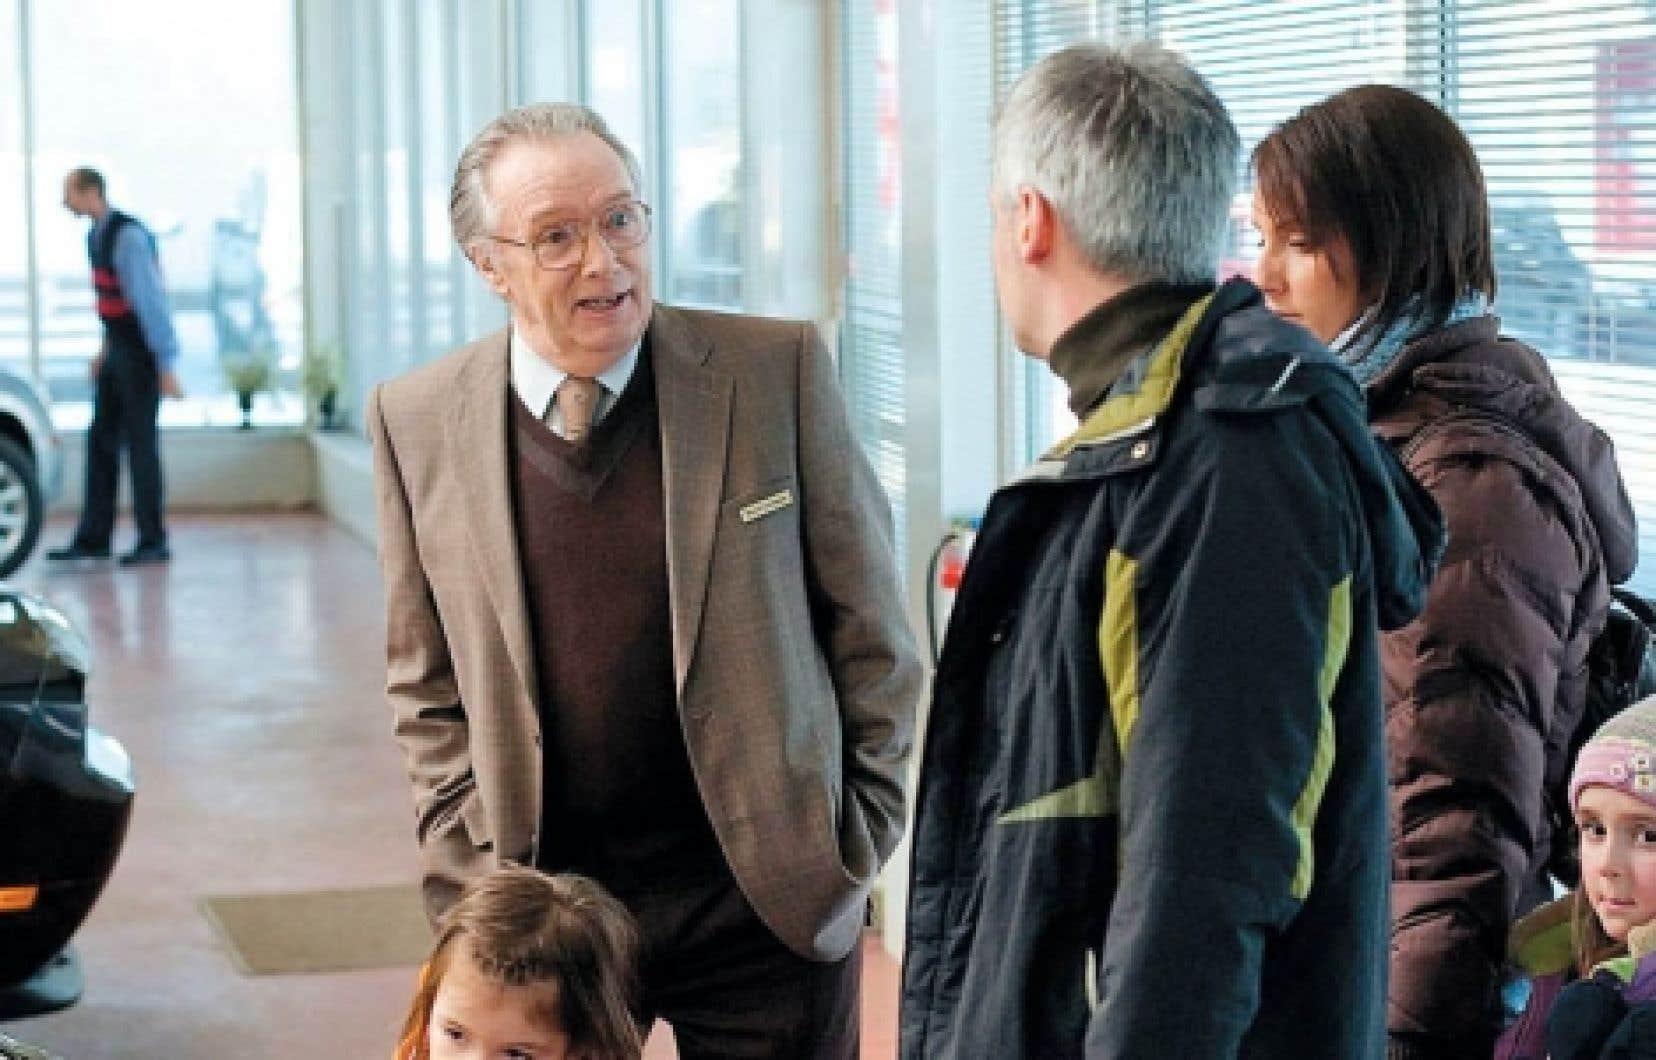 Le vendeur de Sébastien Pilote a reçu le prix Gilles-Carle des 30es Rendez-vous du cinéma québécois, décerné au meilleur premier ou deuxième long métrage de fiction. Le film a également reçu le prix Luc-Perreault du meilleur film de l'année décerné par l'Association québécoise des critiques de cinéma.